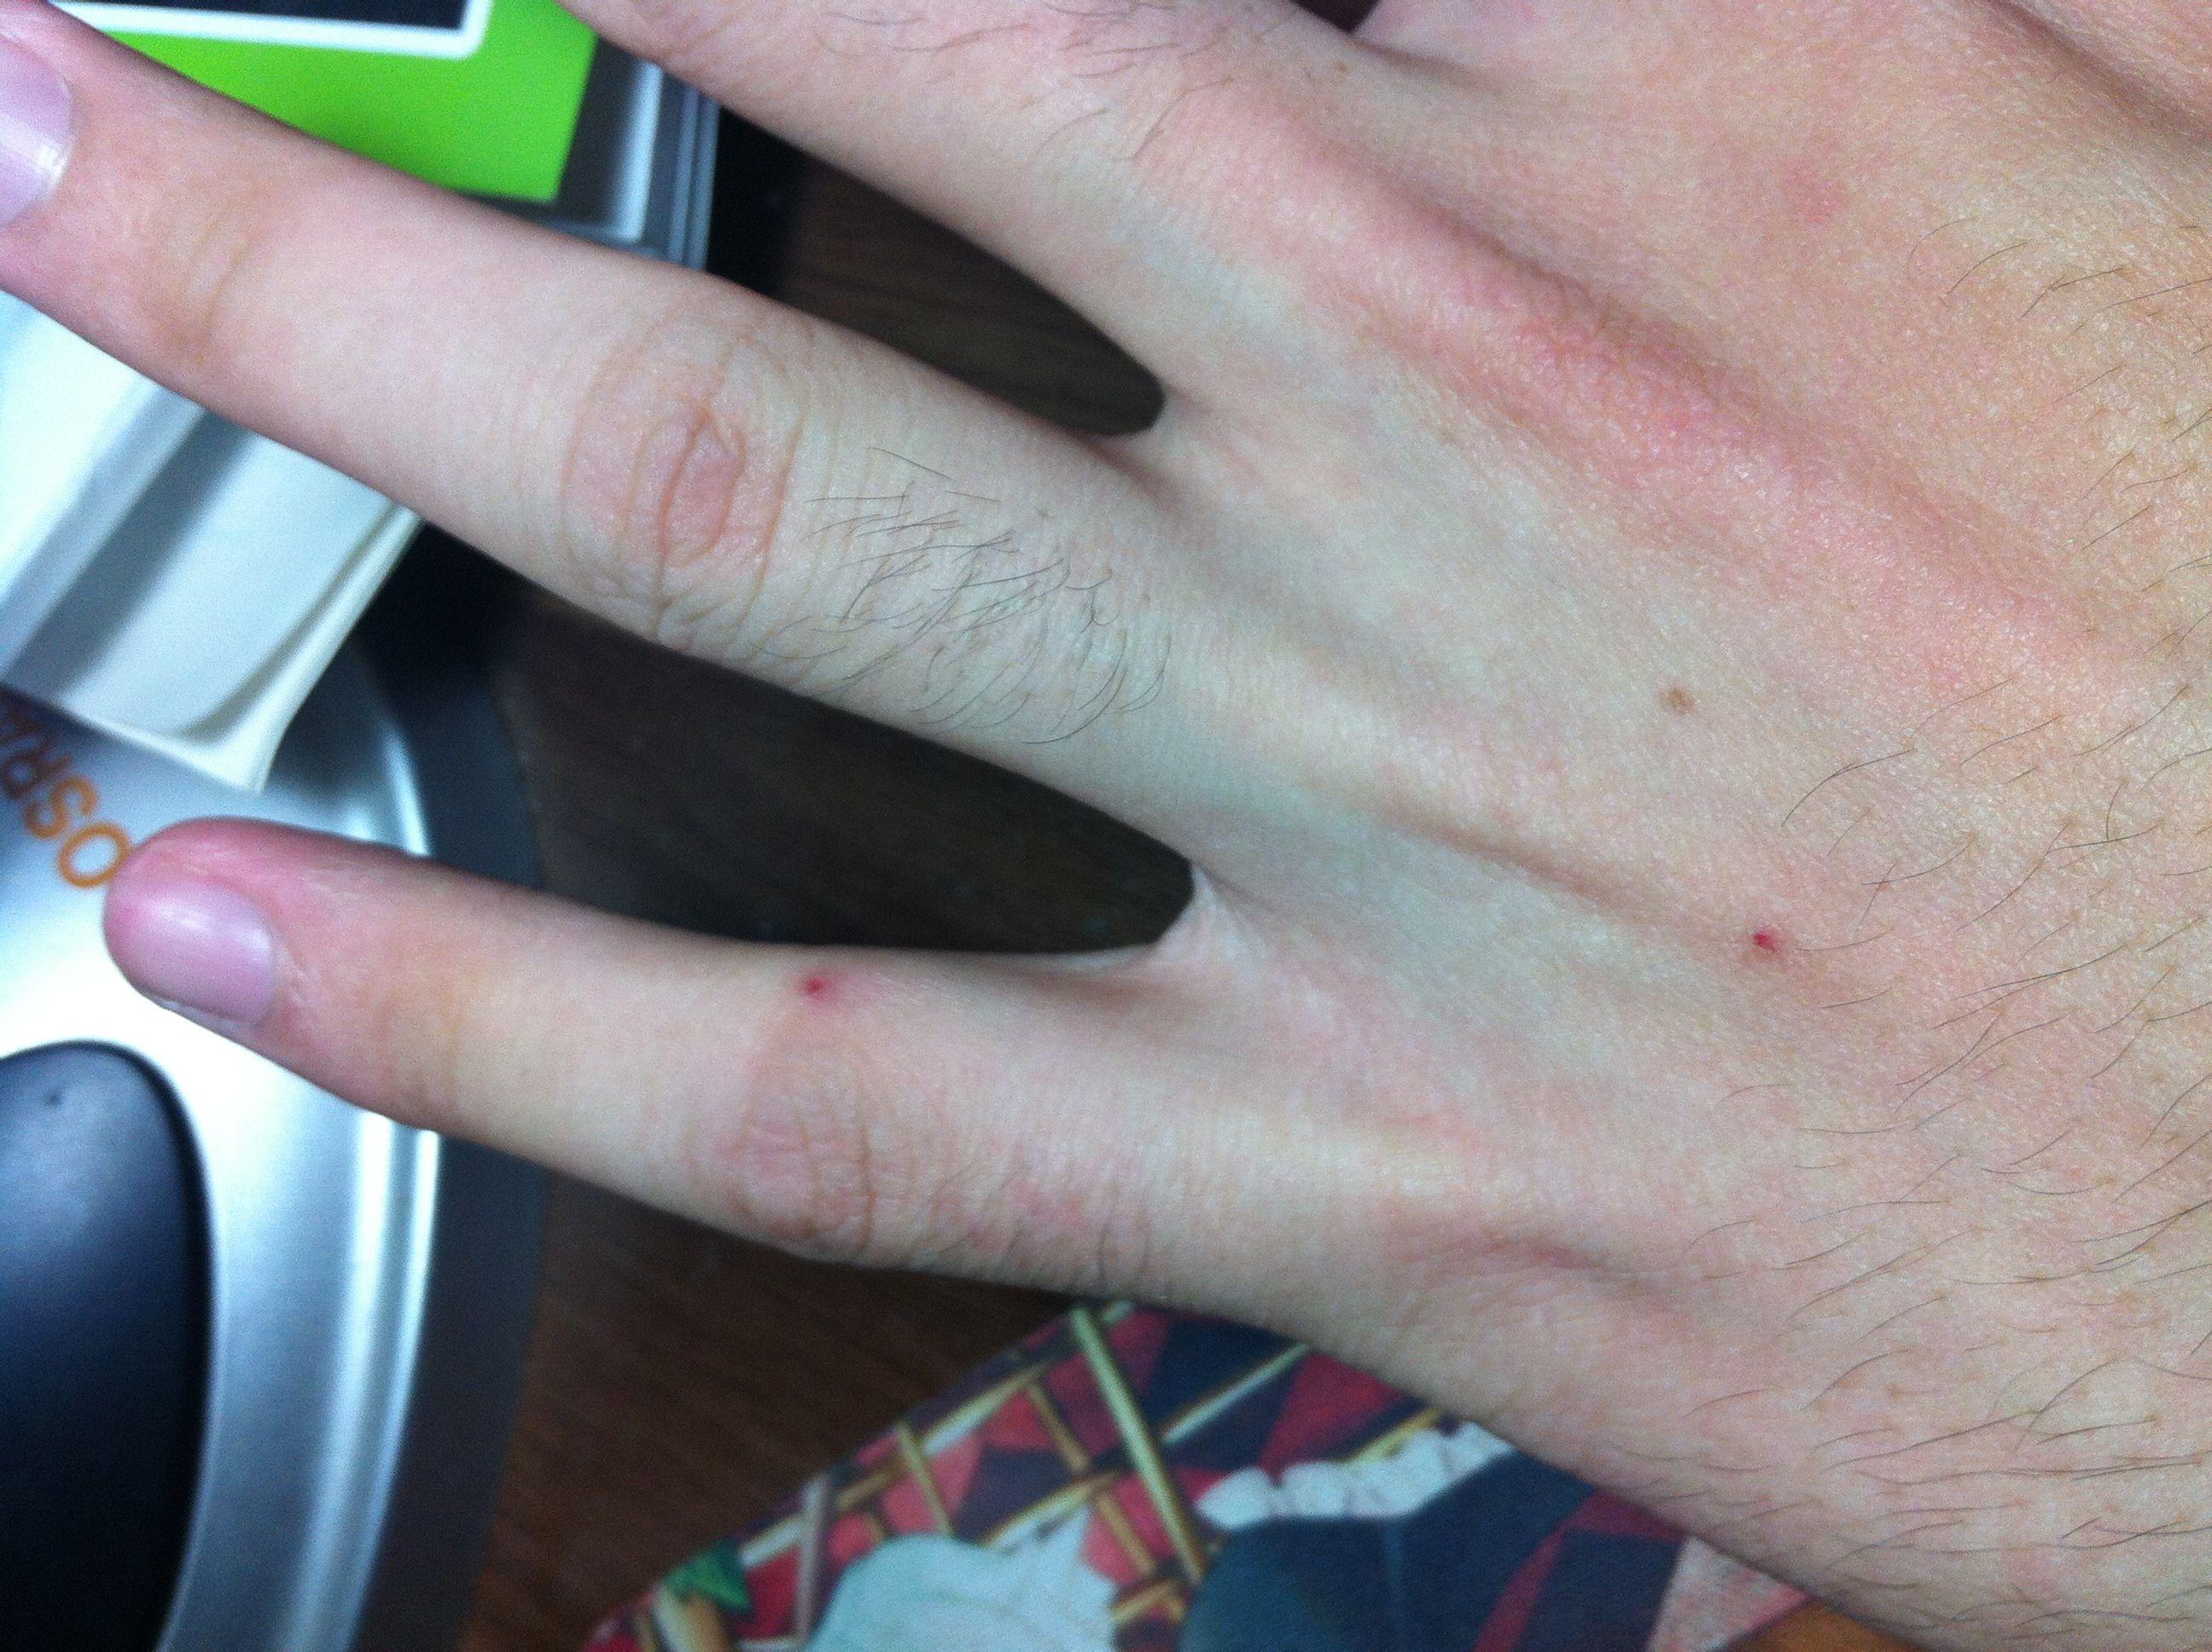 白血病: 请您看看这是白血病的出血点么?_百度知道